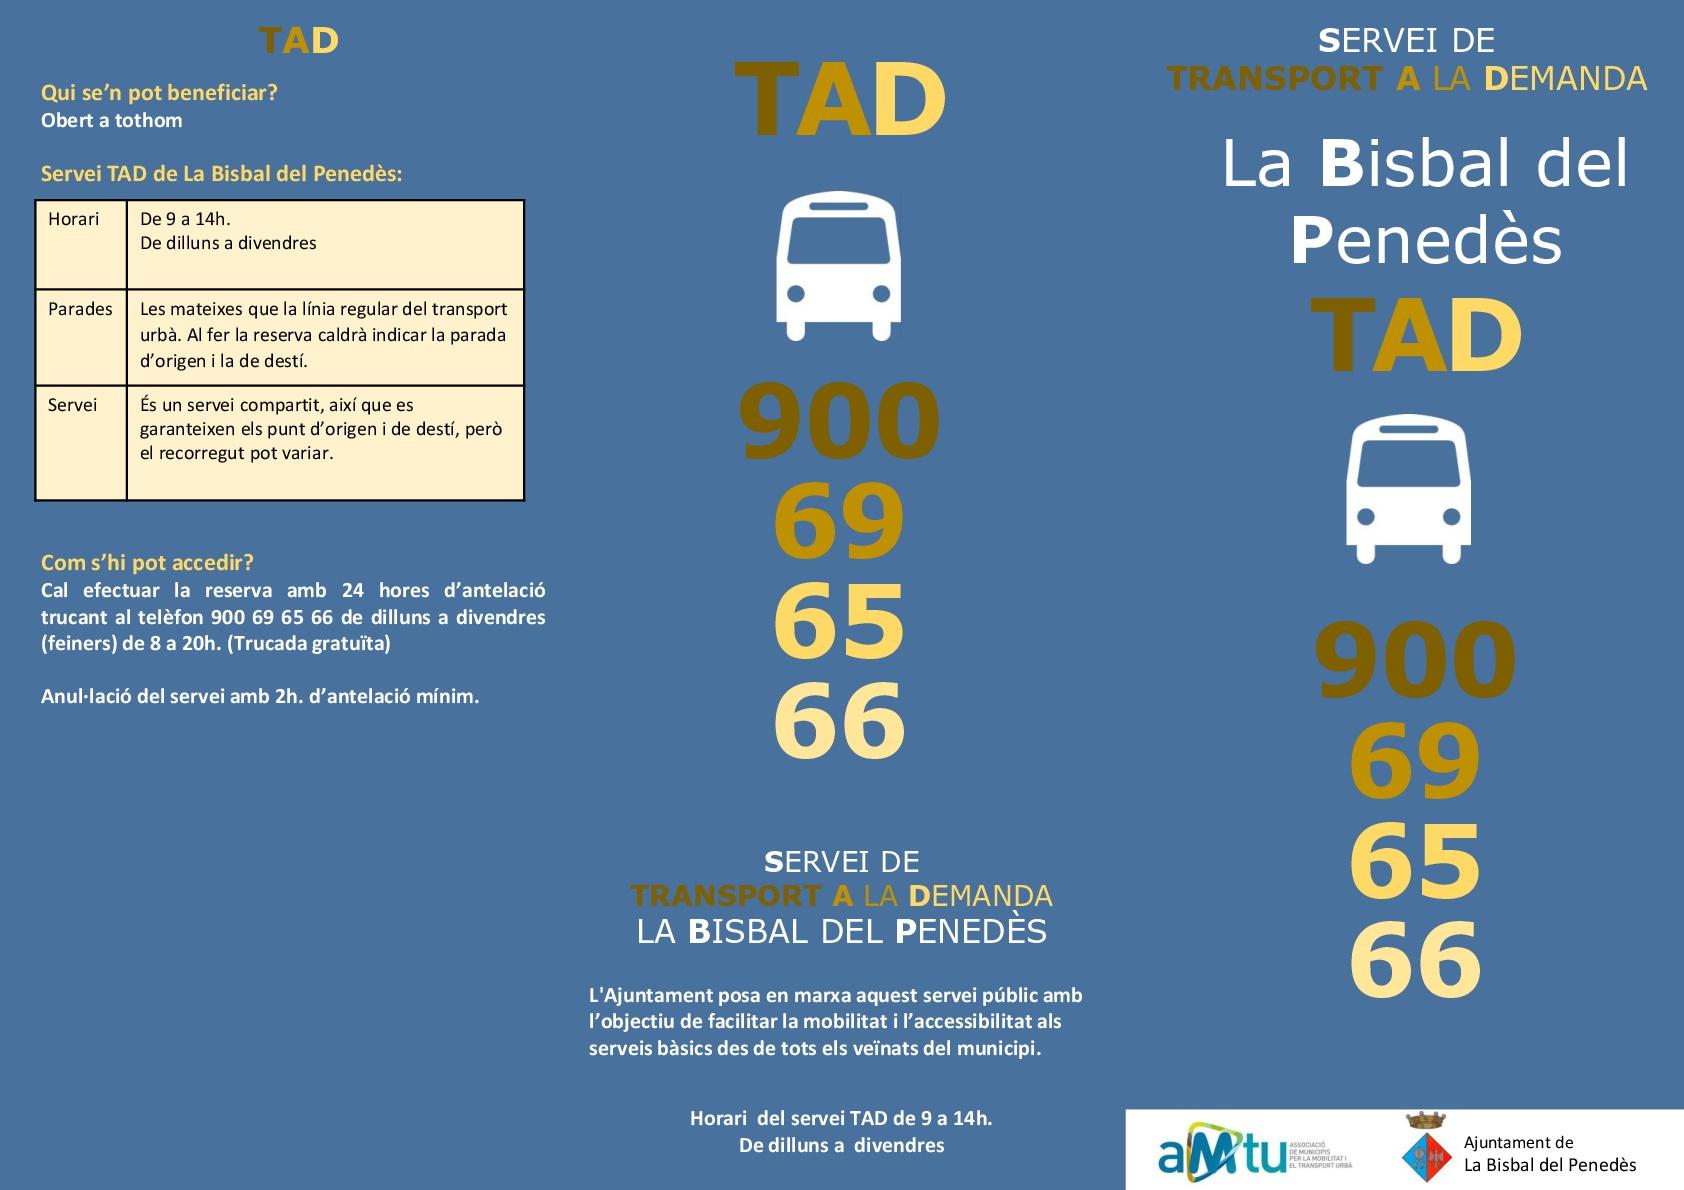 L'Ajuntament de la Bisbal del Penedès continua apostant per un sistema de bus urbà que permet triar entre bus amb horaris fixos i bus a demanda